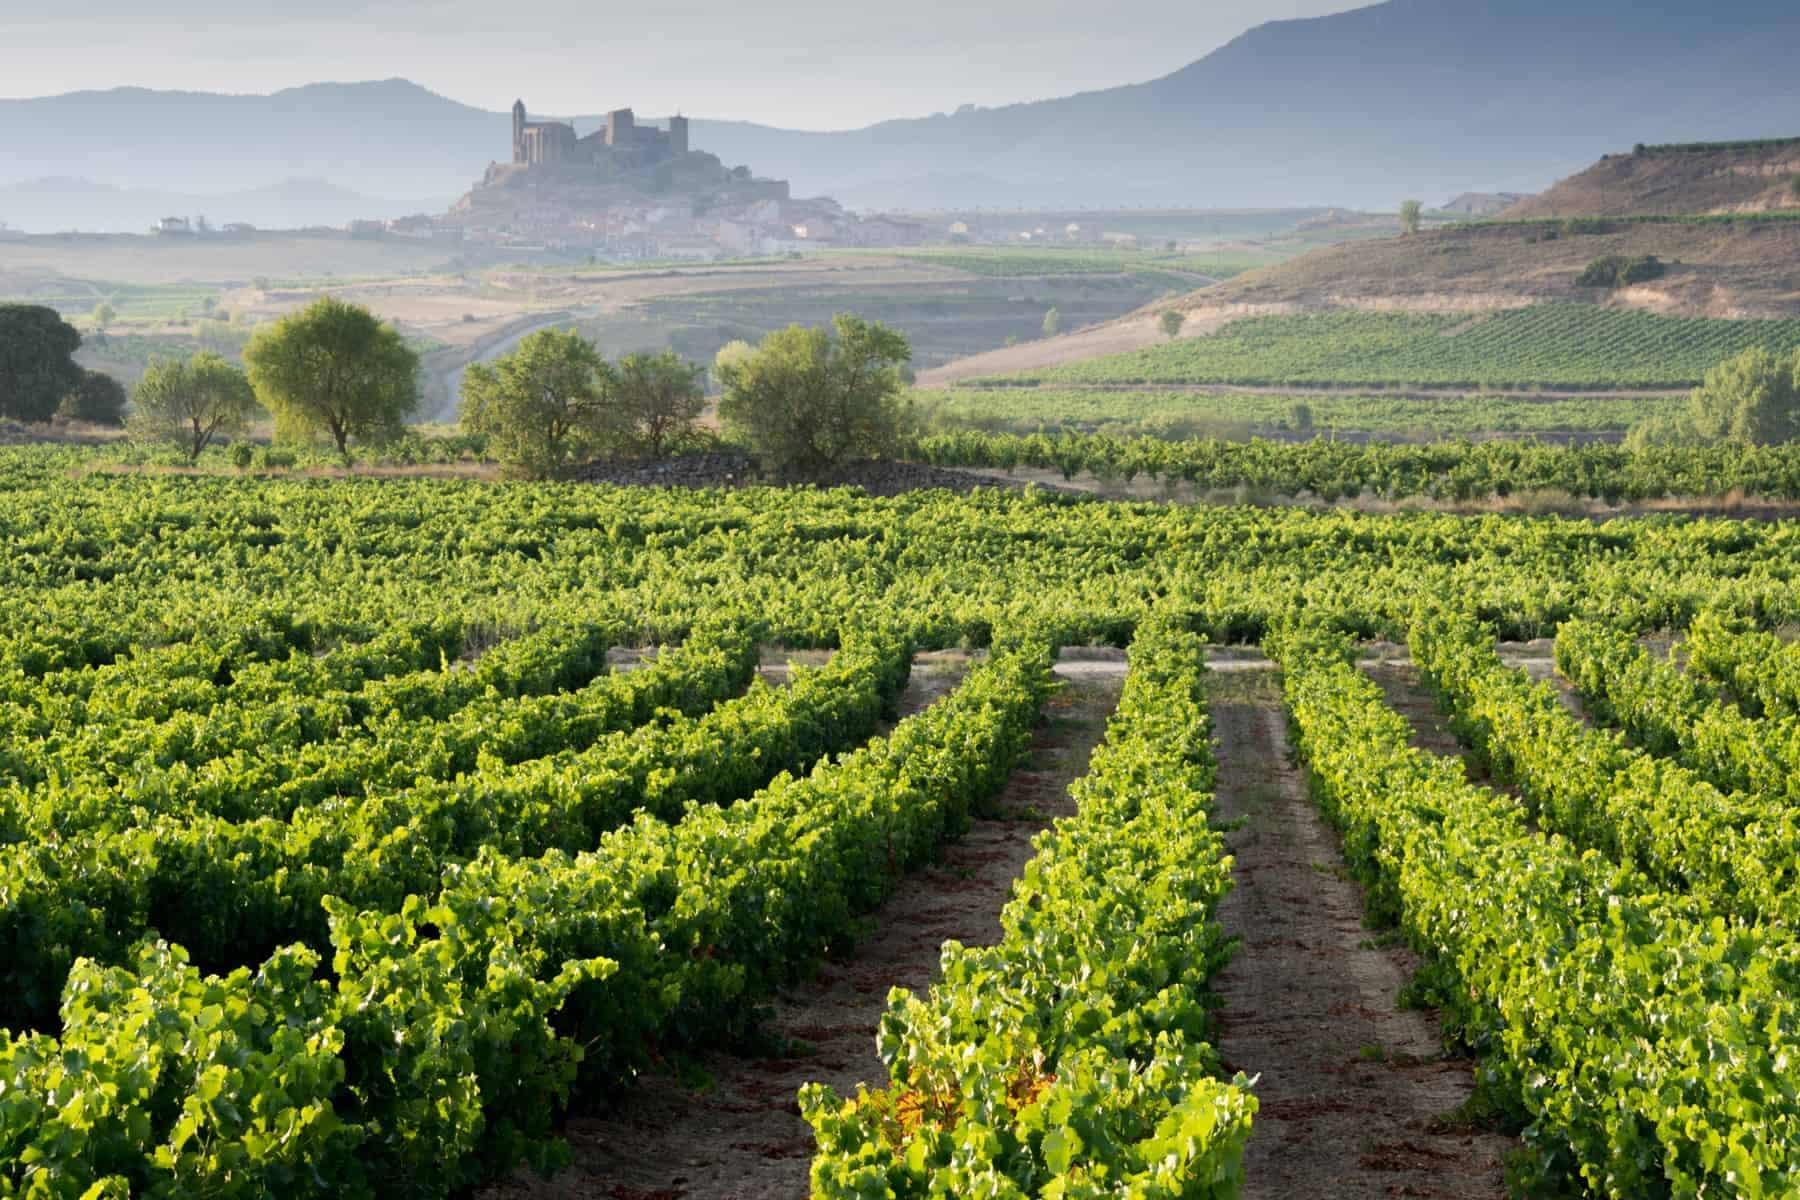 La Rioja, det måske mest kendte vindistrikt i Spanien